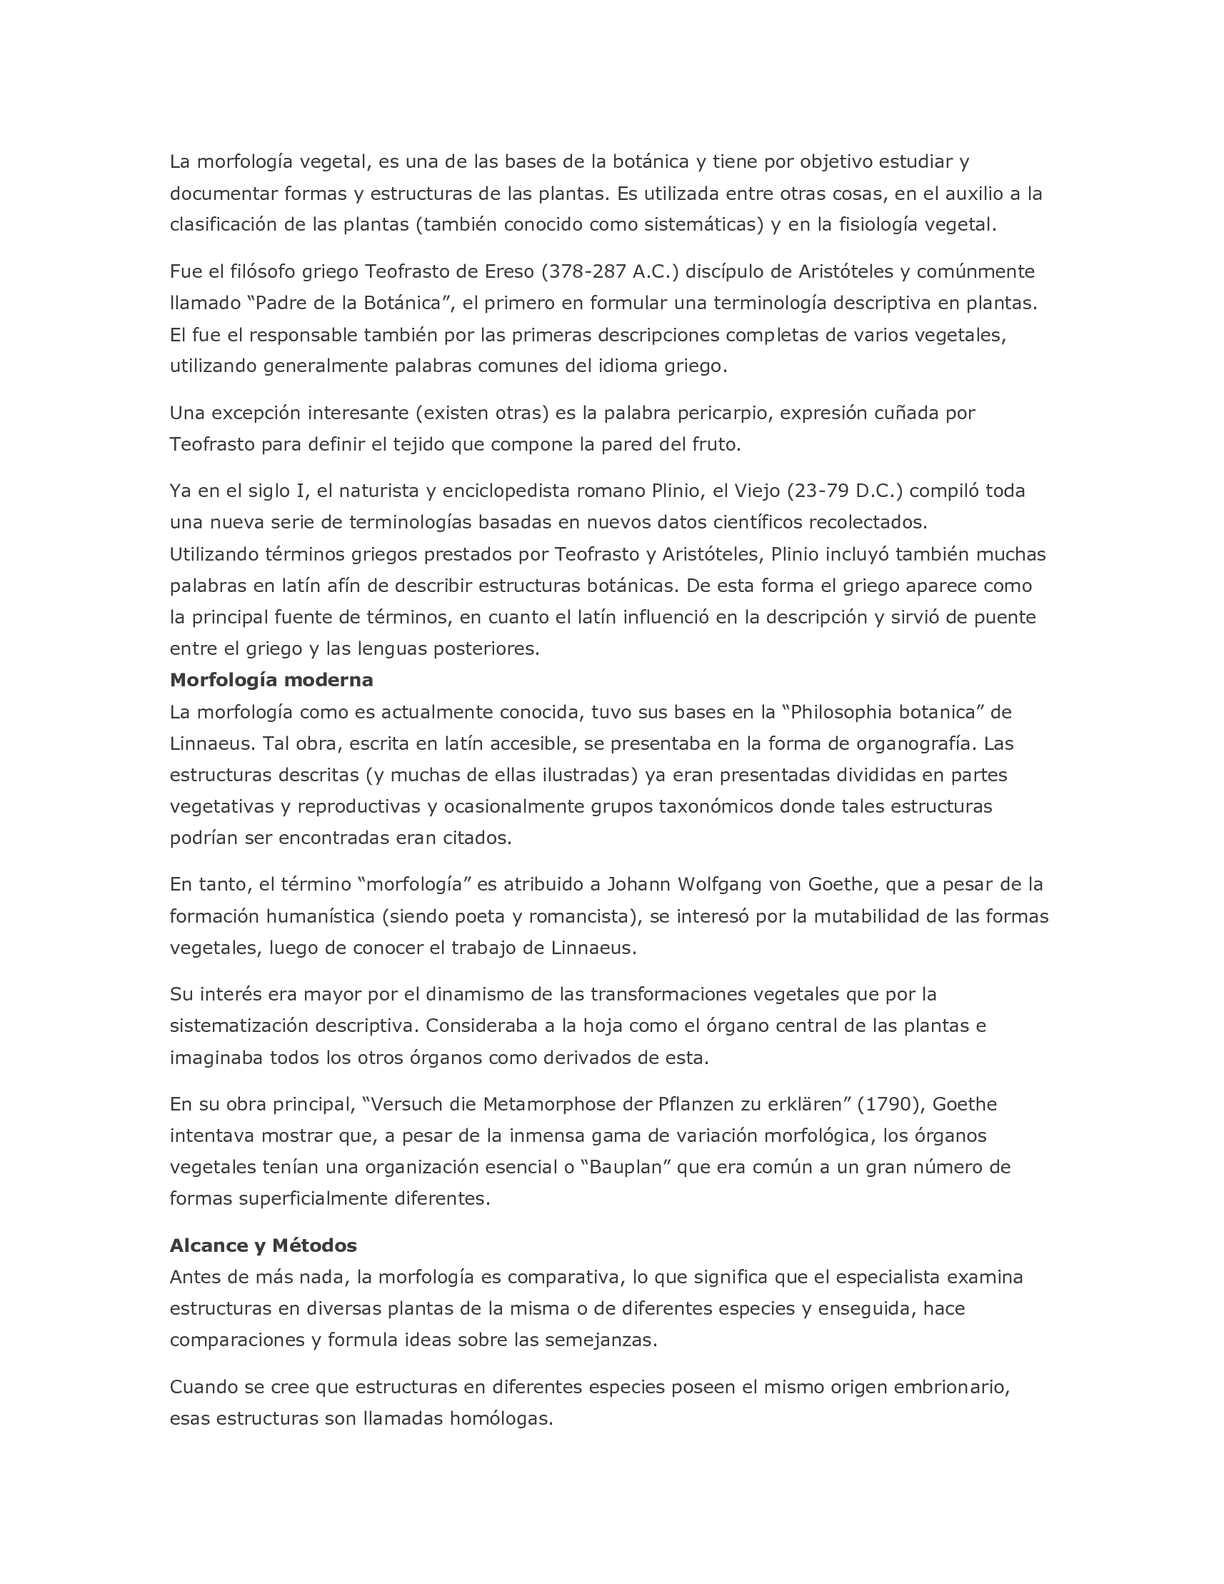 Calaméo - La morfología vegetal